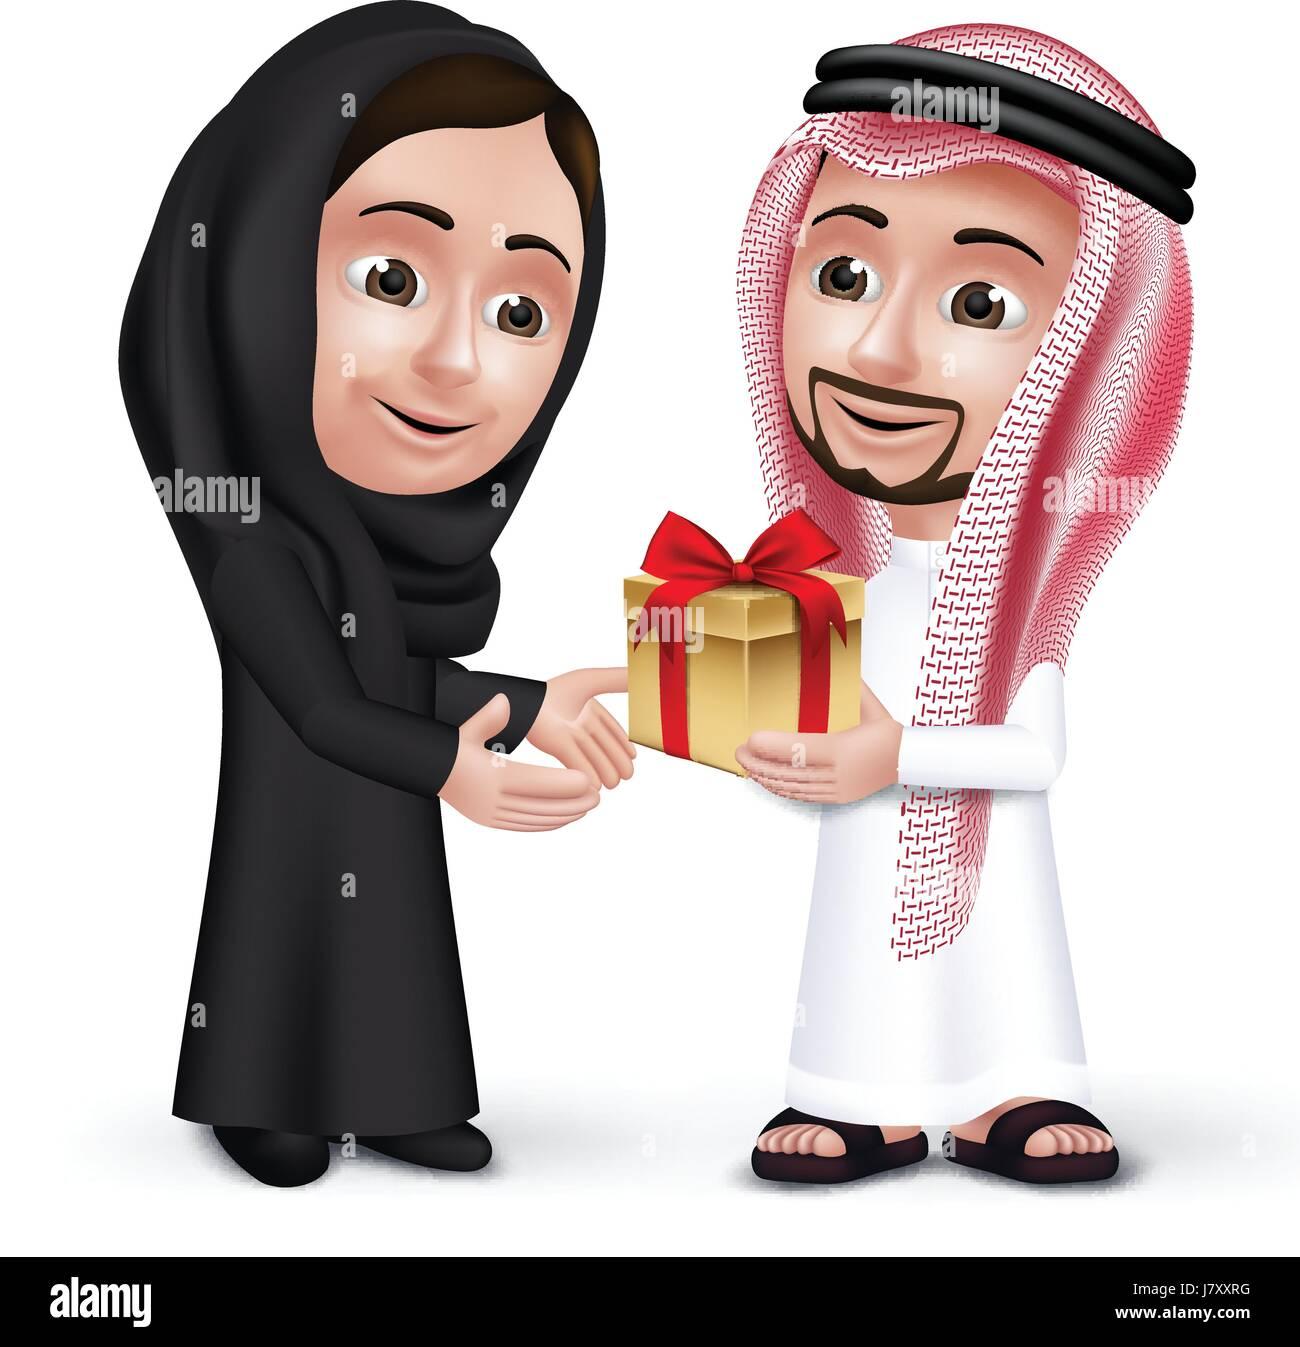 Arabische emiraten stedendating